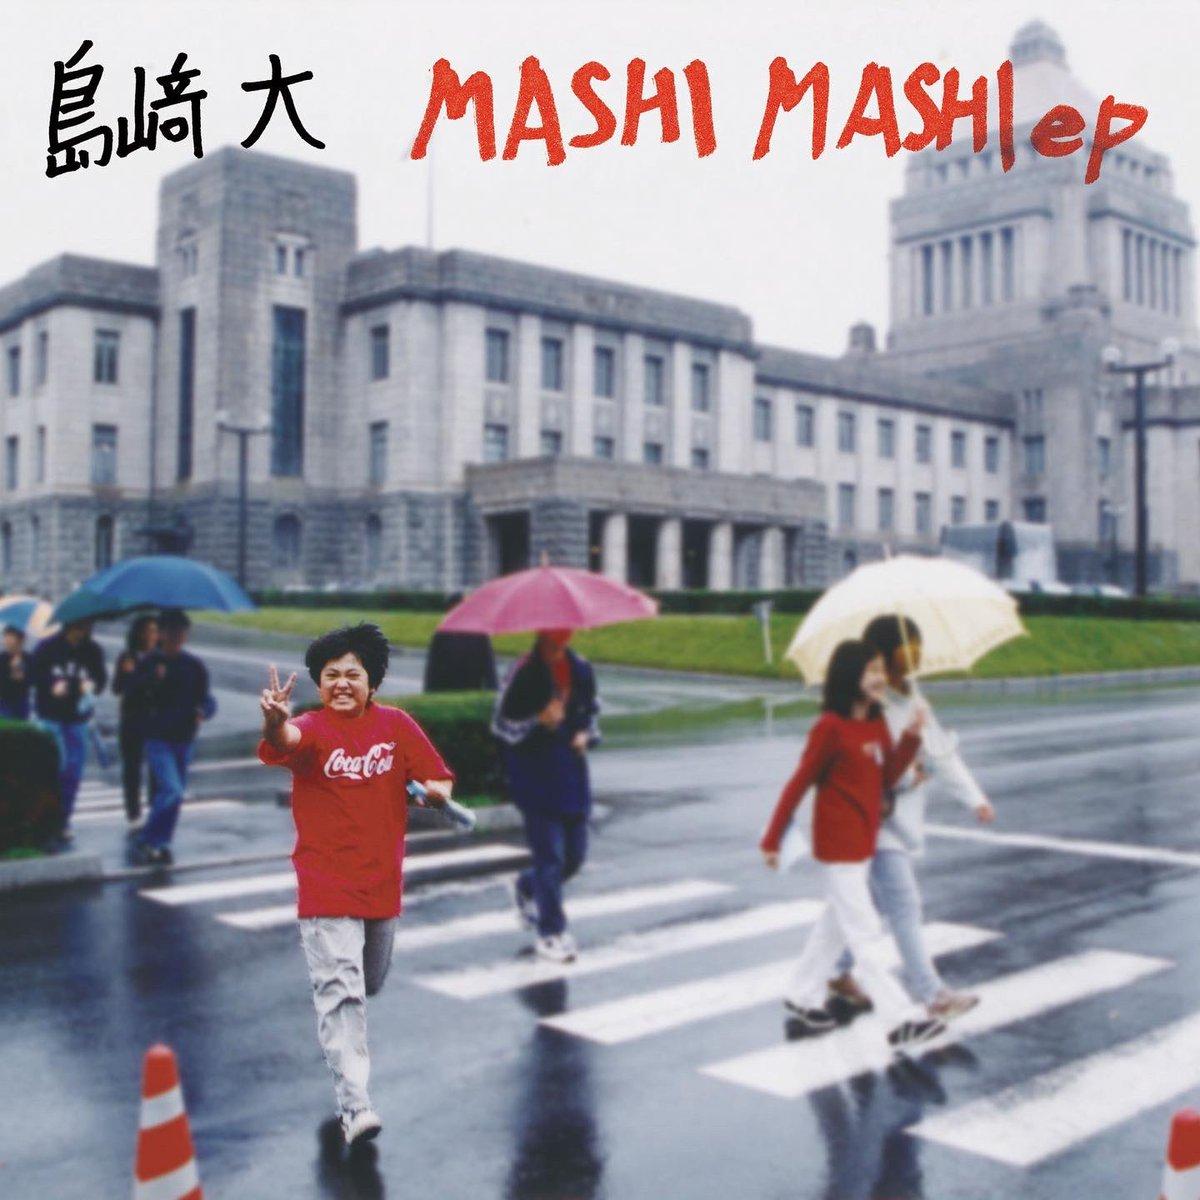 4月1日 水曜日リリースされました!Apple Musicspotifyお聴き下さい!他の音楽サイトからも是非!MASHI MASHI EP1、マシマシ2、塚本のひろちゃん3、SAMA-4、ベランダ